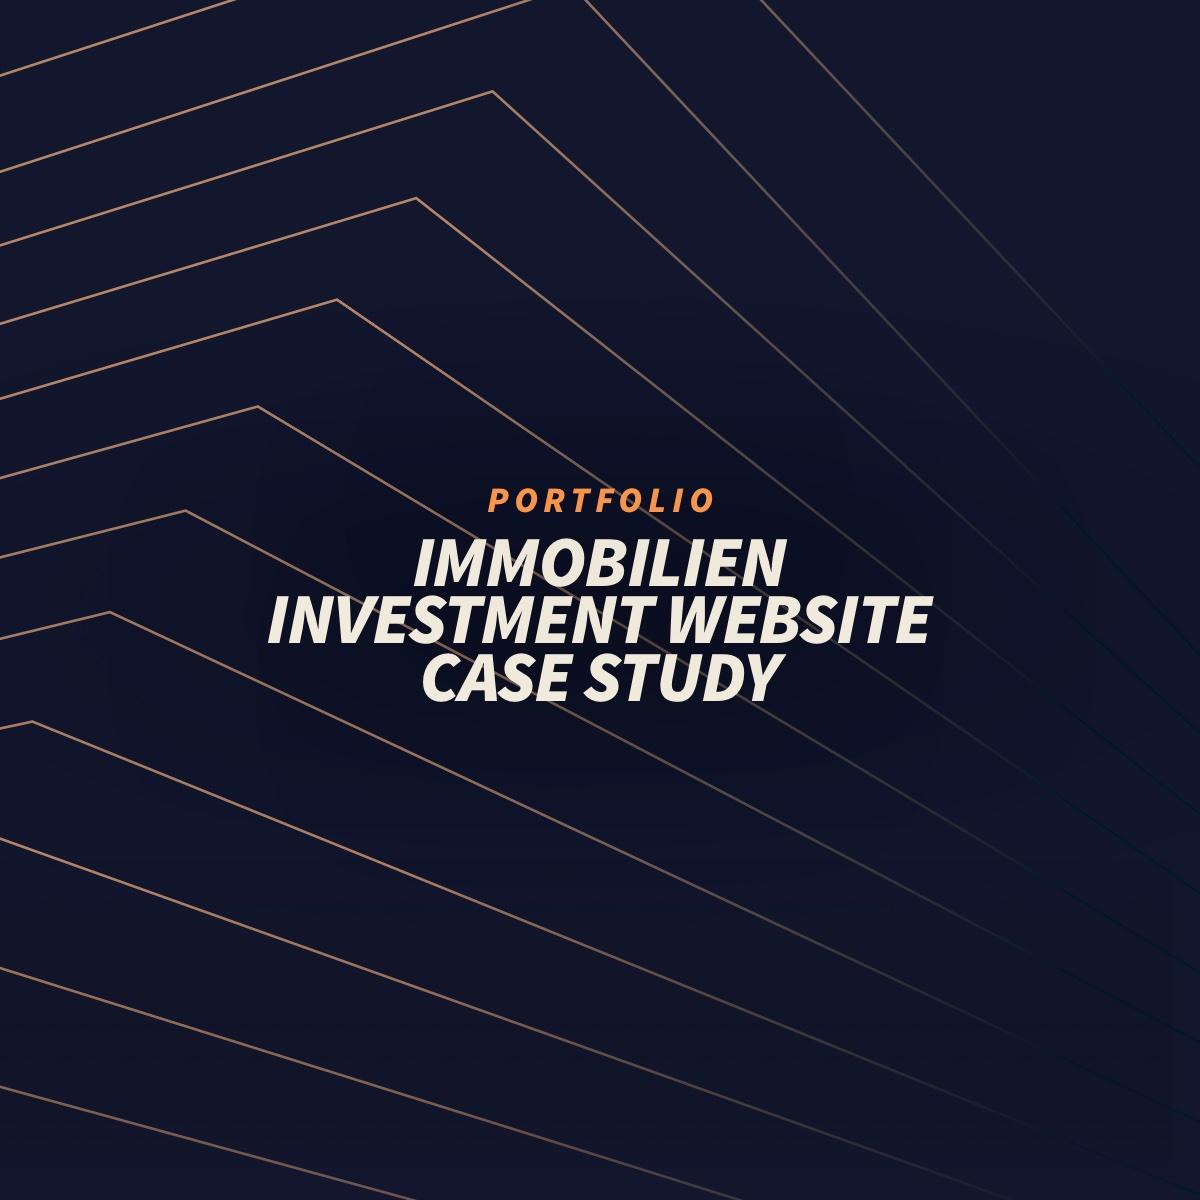 Webdesign Case Study: Immobilien Investment Unternehmens Website